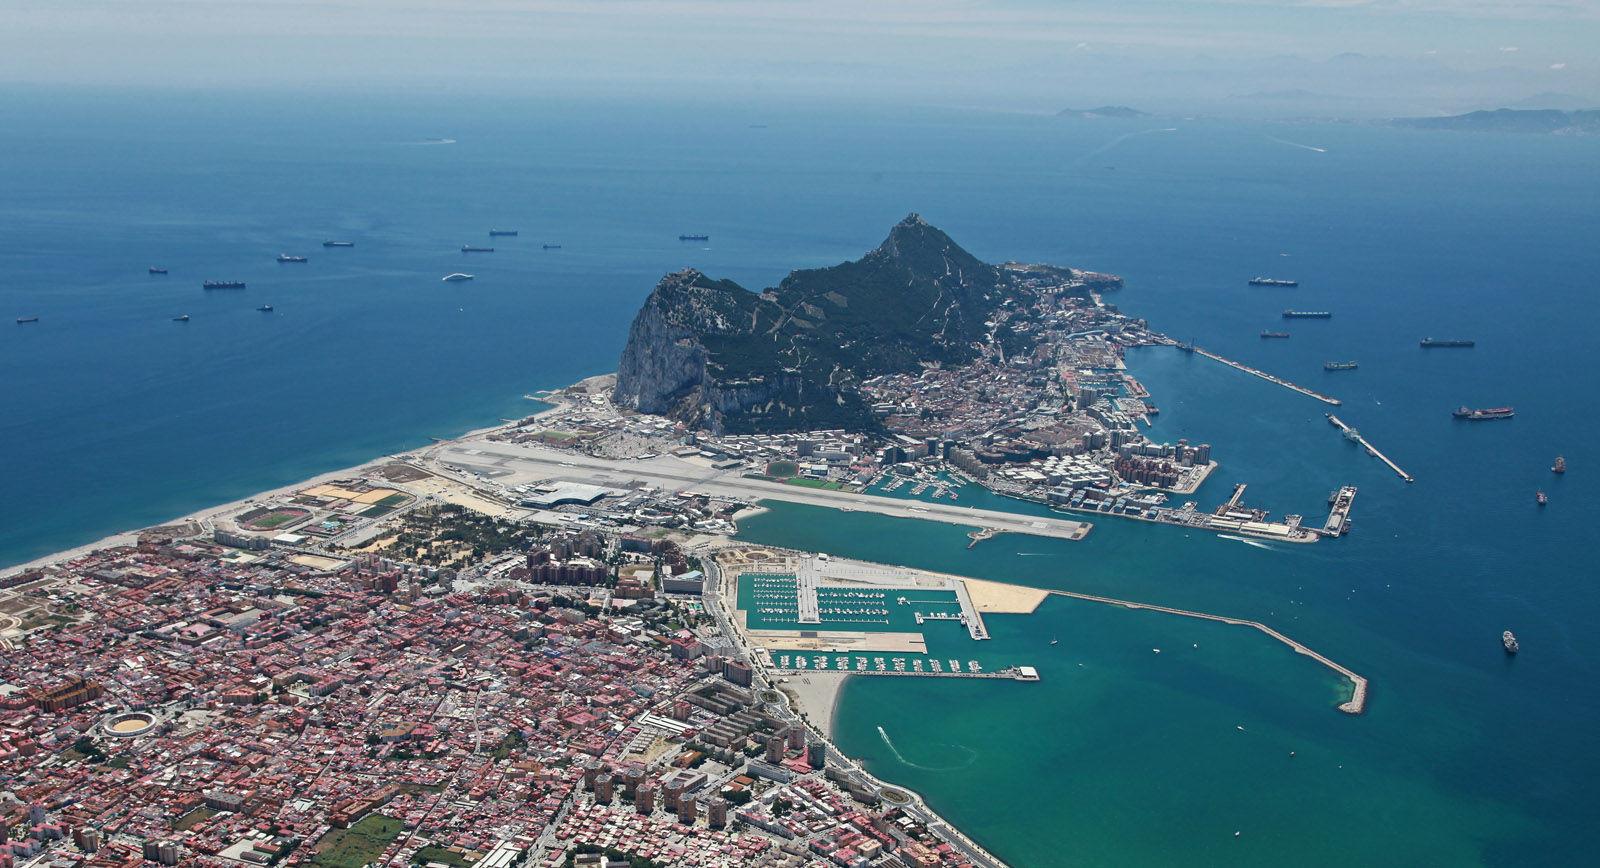 ¿A qué país pertenece Gibraltar?